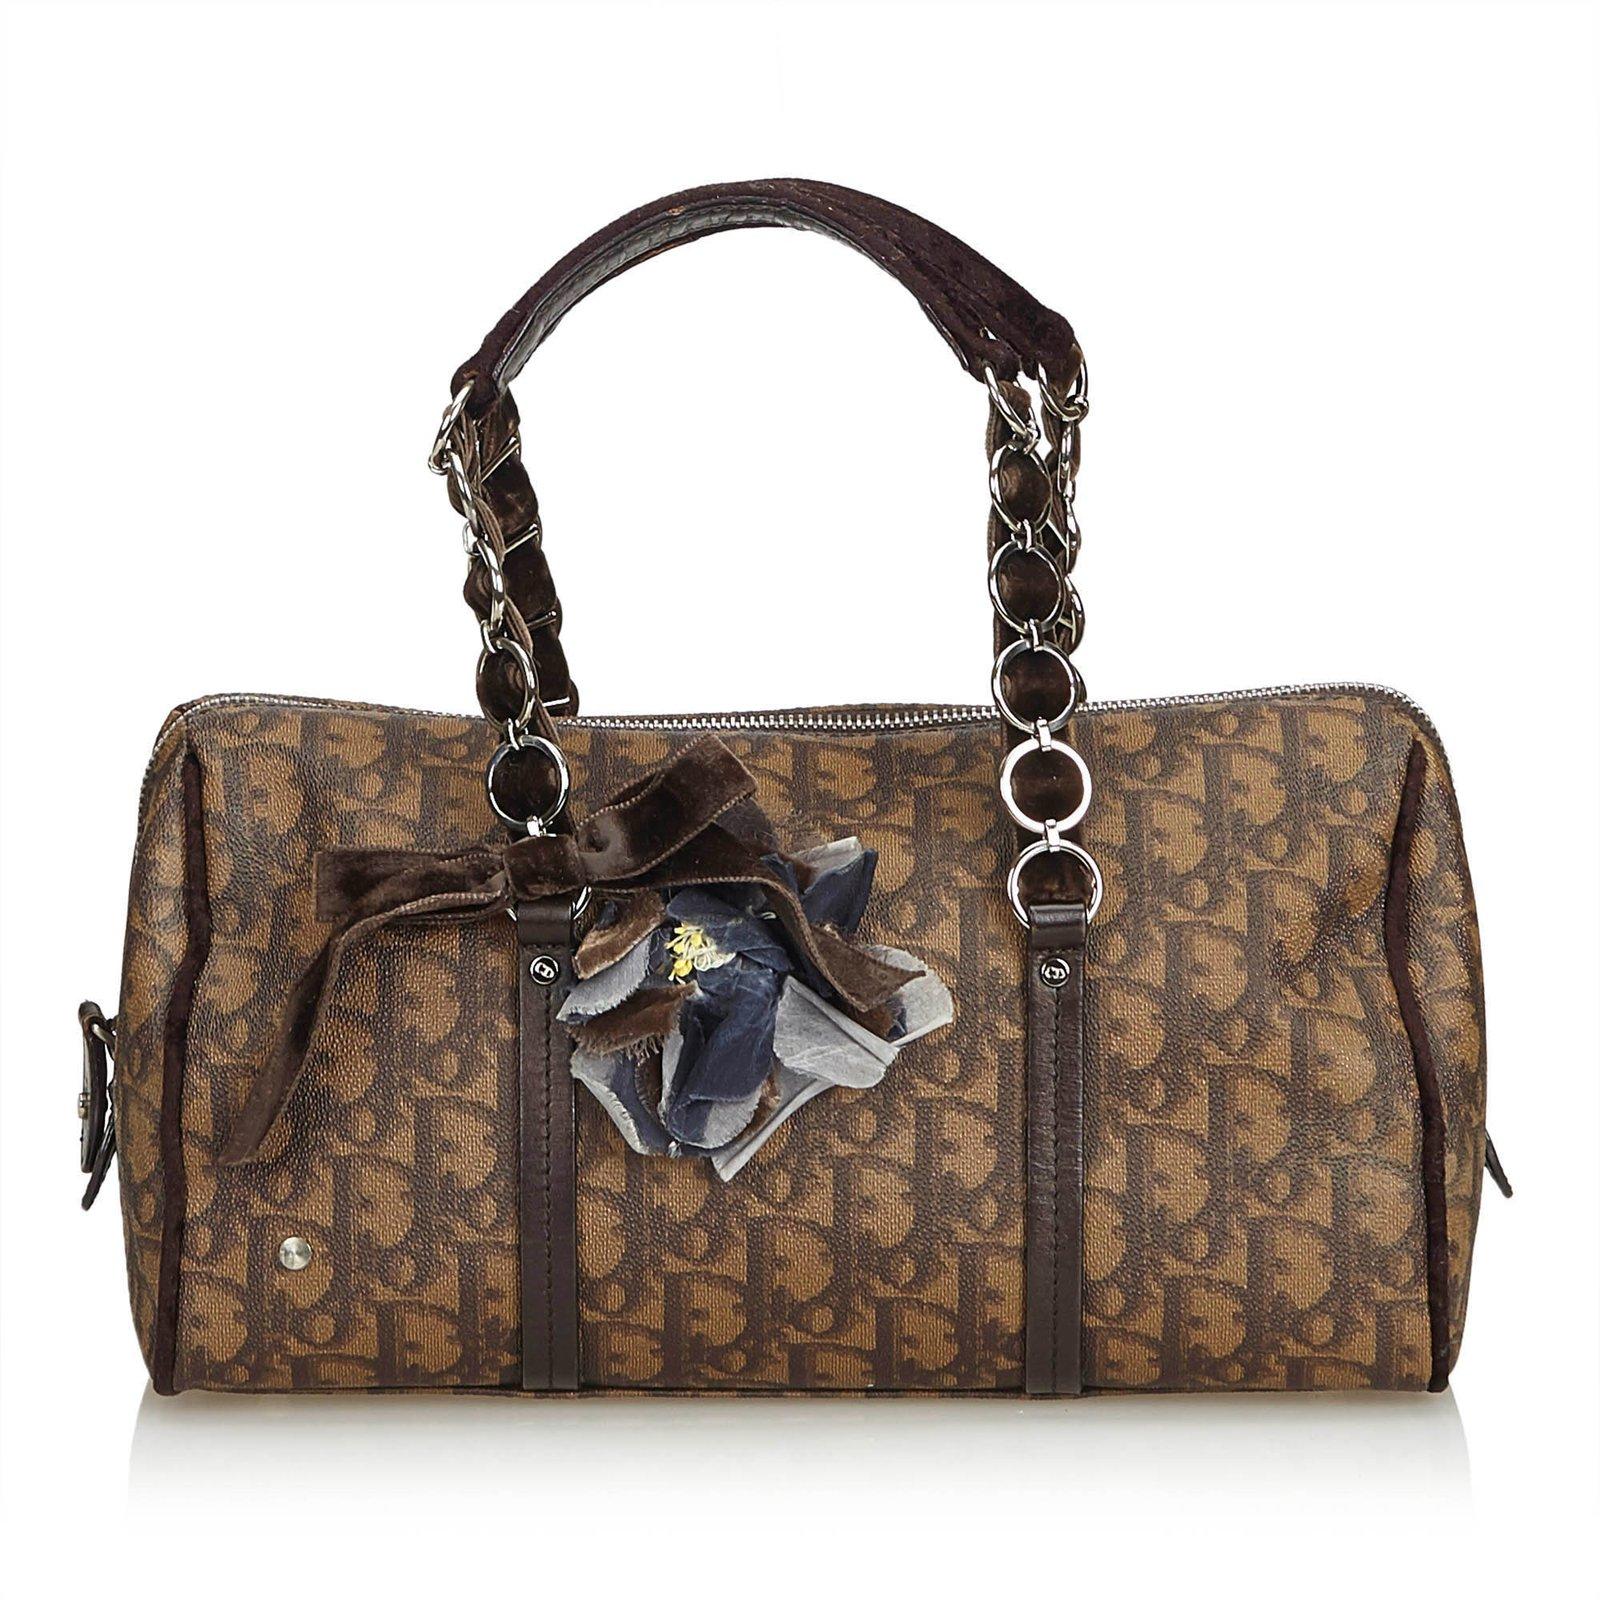 74088447e41d Sacs à main Dior Oblique Romantique Sac à main Cuir,Autre,Plastique Marron,